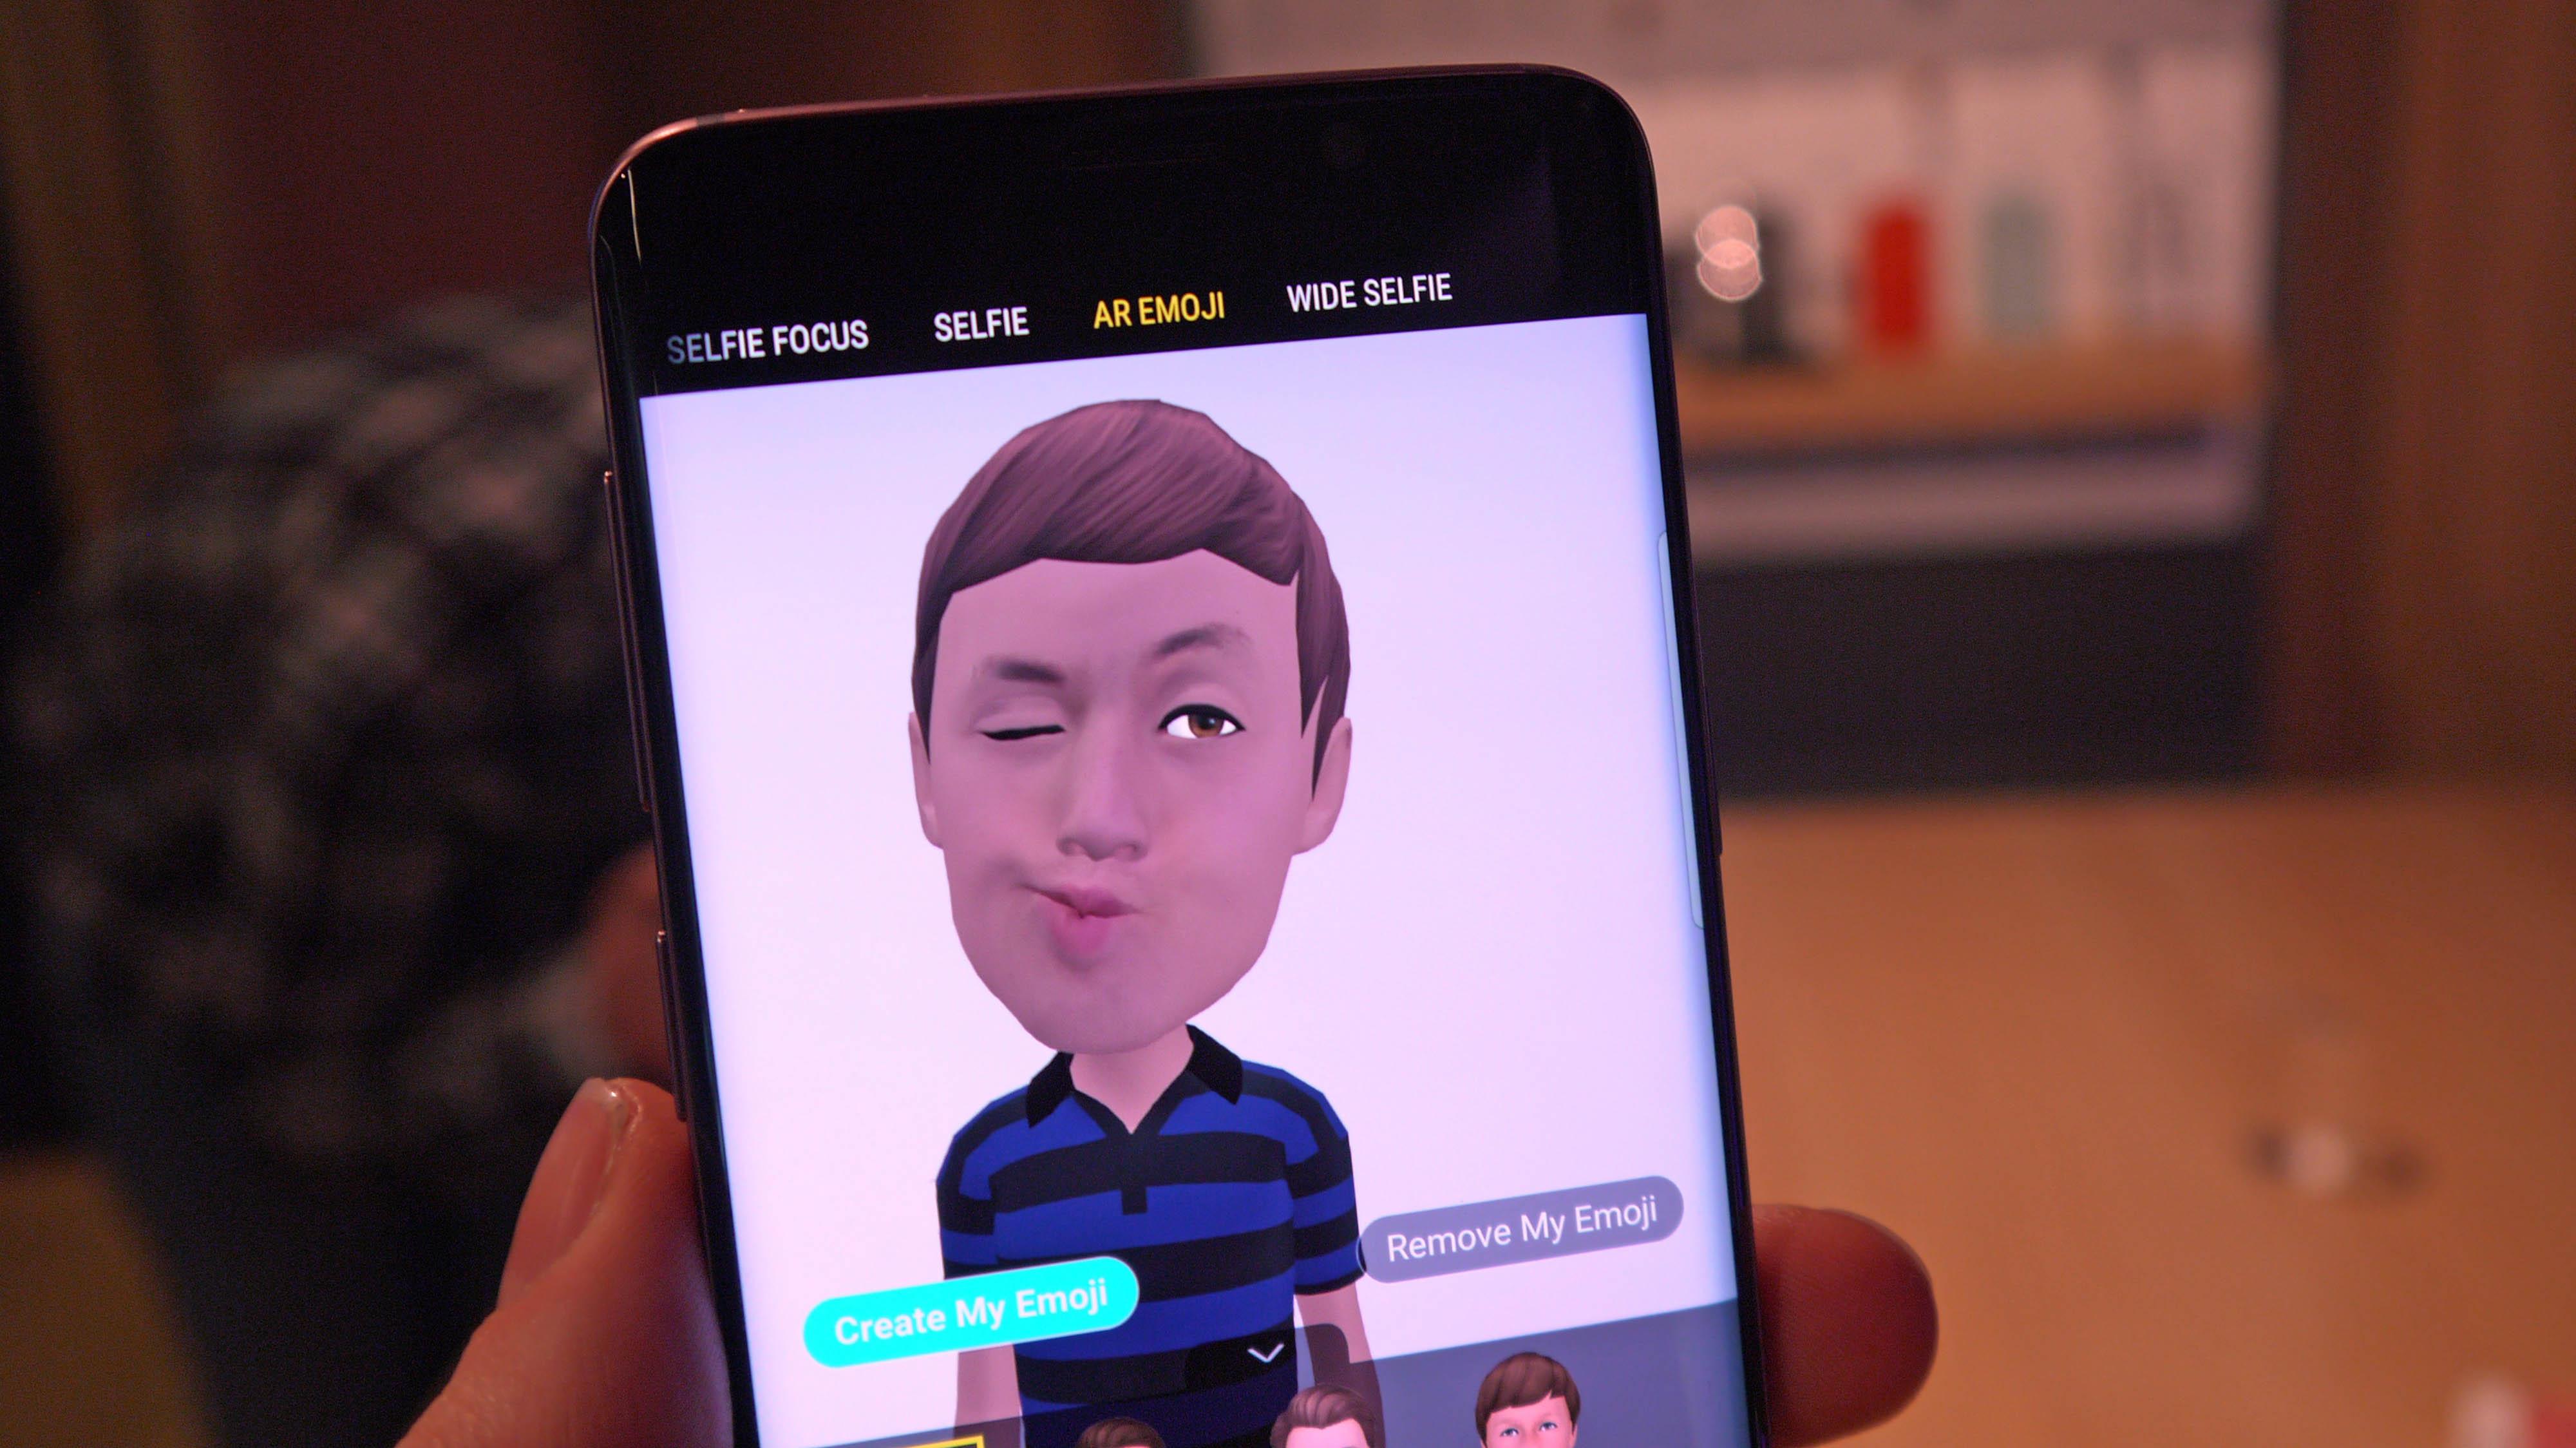 Samsung Galaxy S9 Plus AR emoji